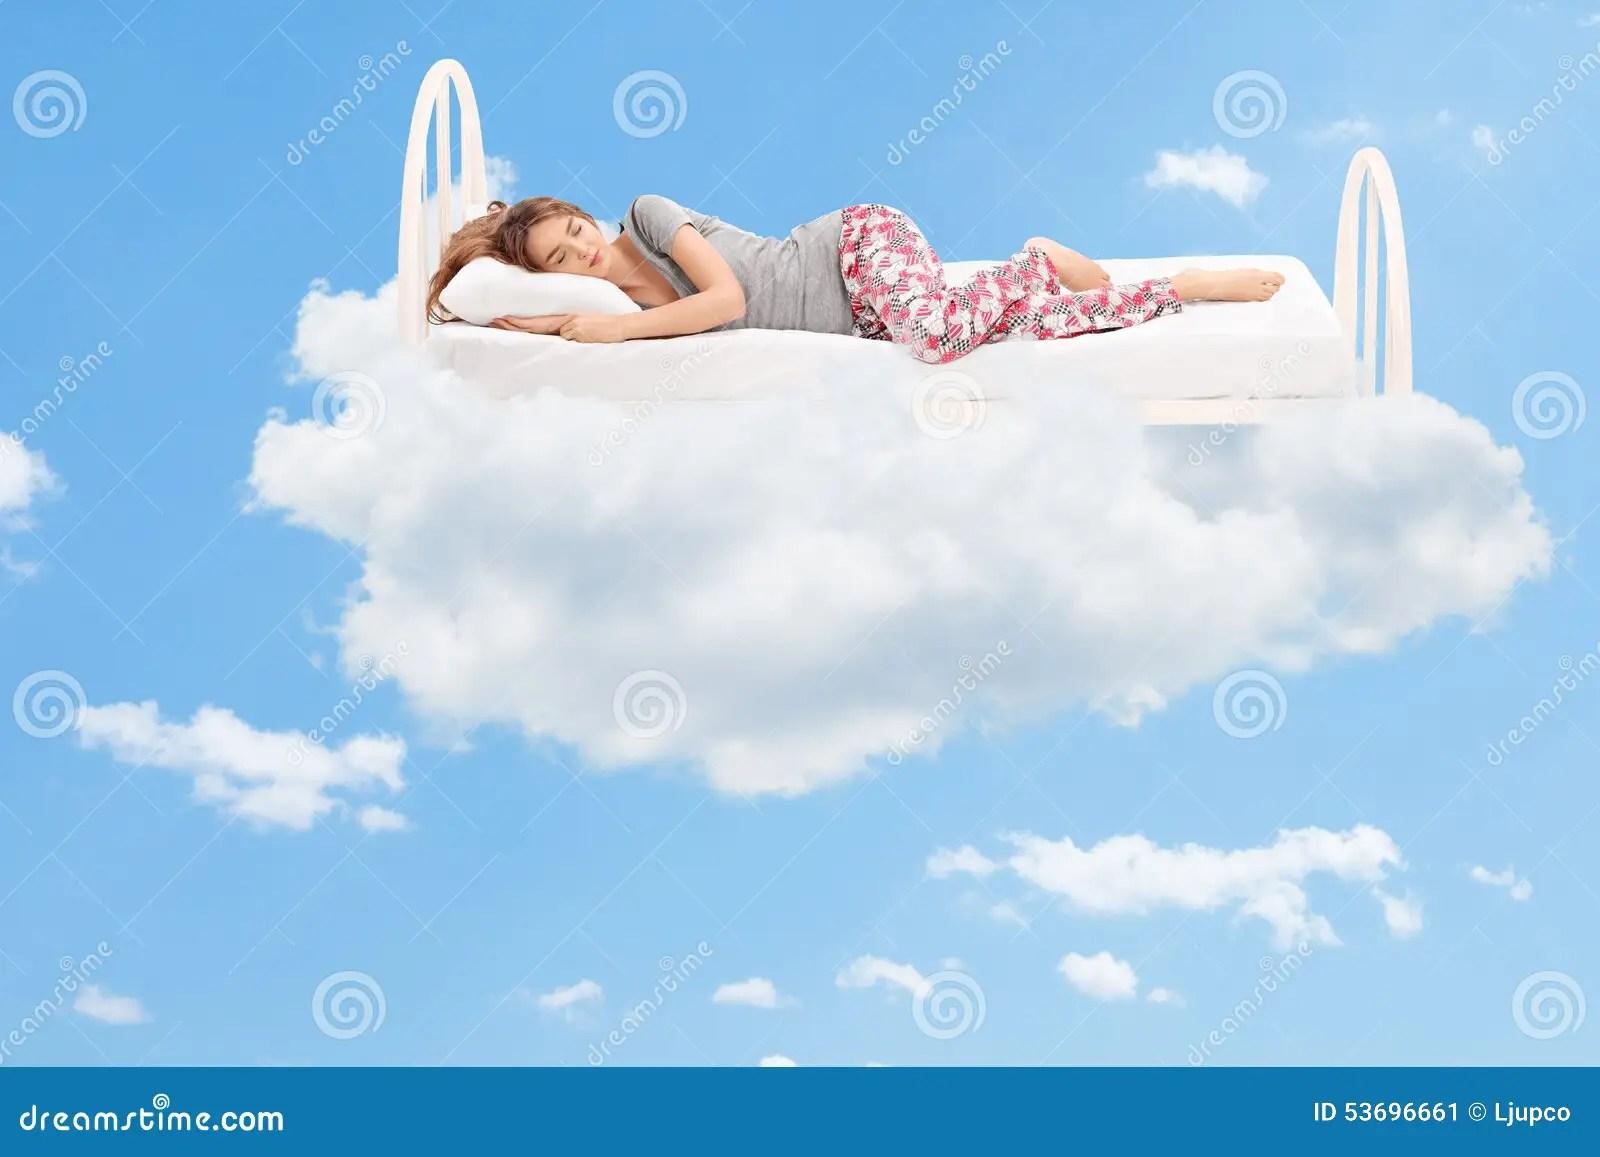 Donna Che Dorme Su Un Letto Comodo Nelle Nuvole Immagine